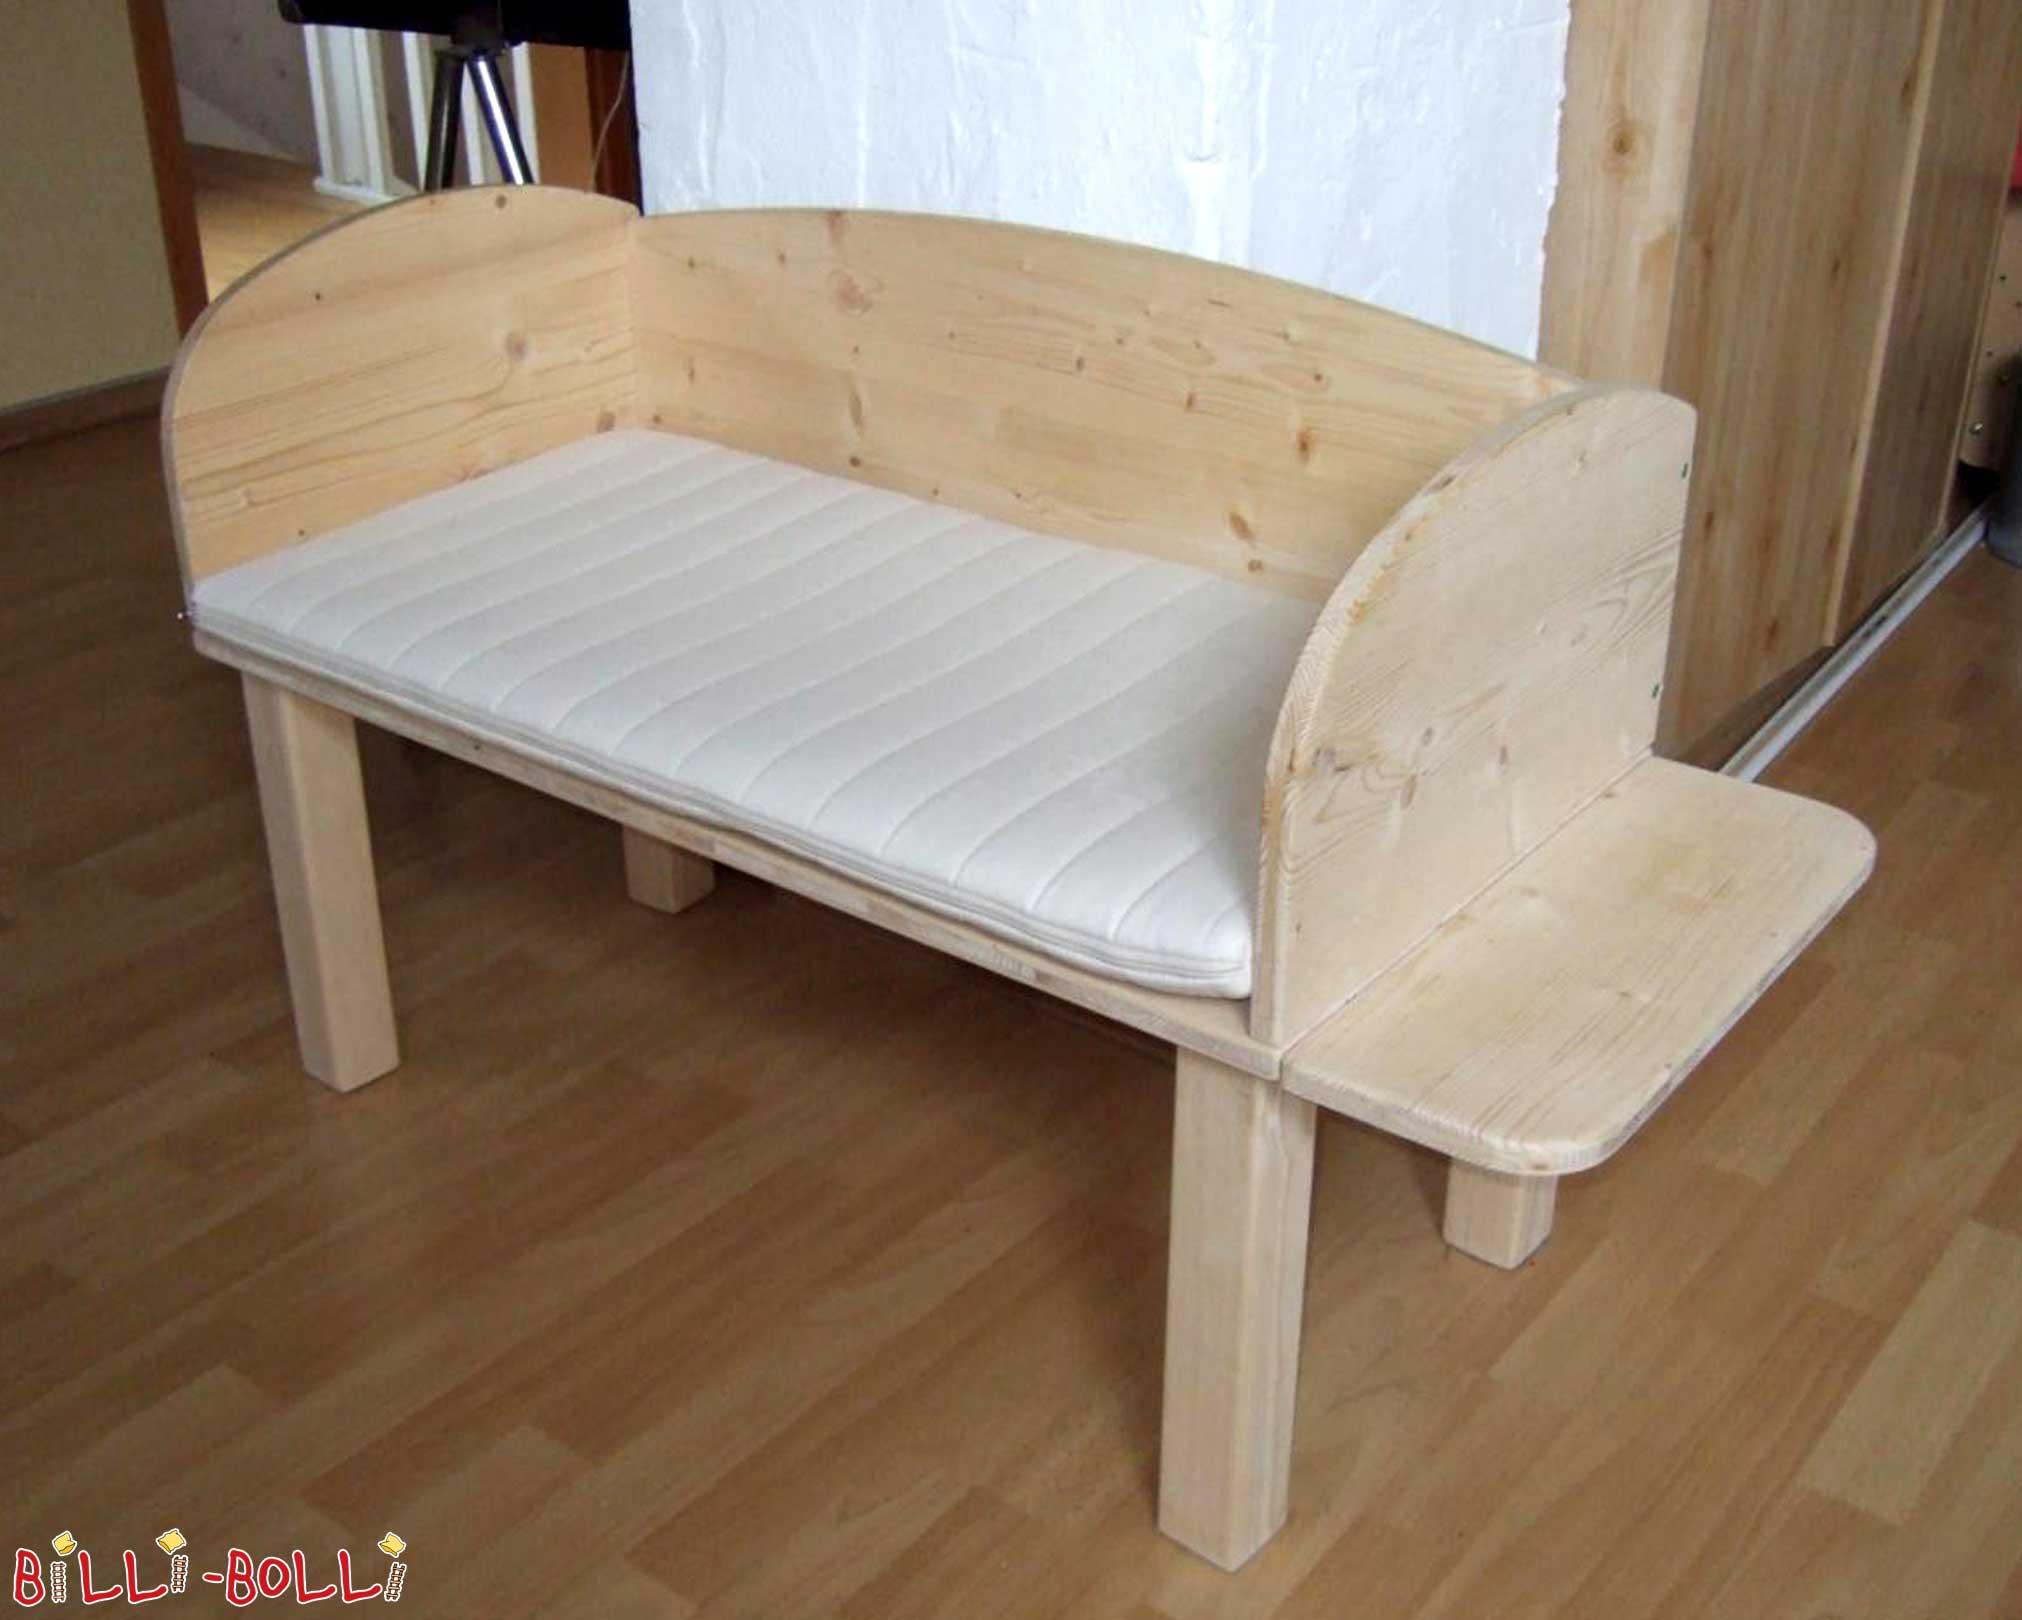 bedside crib billi bolli kids furniture. Black Bedroom Furniture Sets. Home Design Ideas